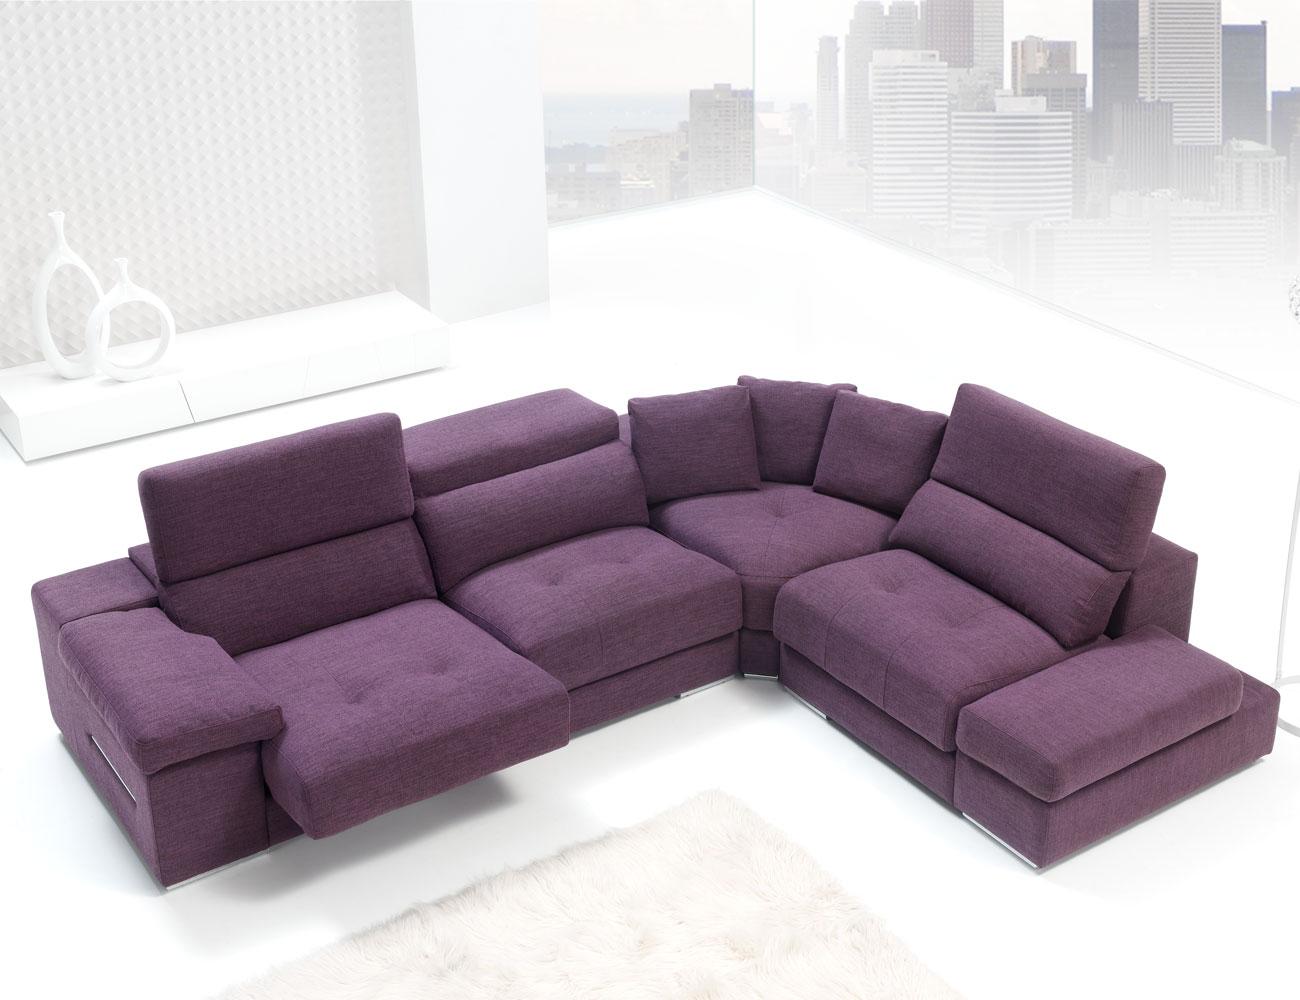 Sofa chaiselongue rincon con brazo mecanico tejido anti manchas 222